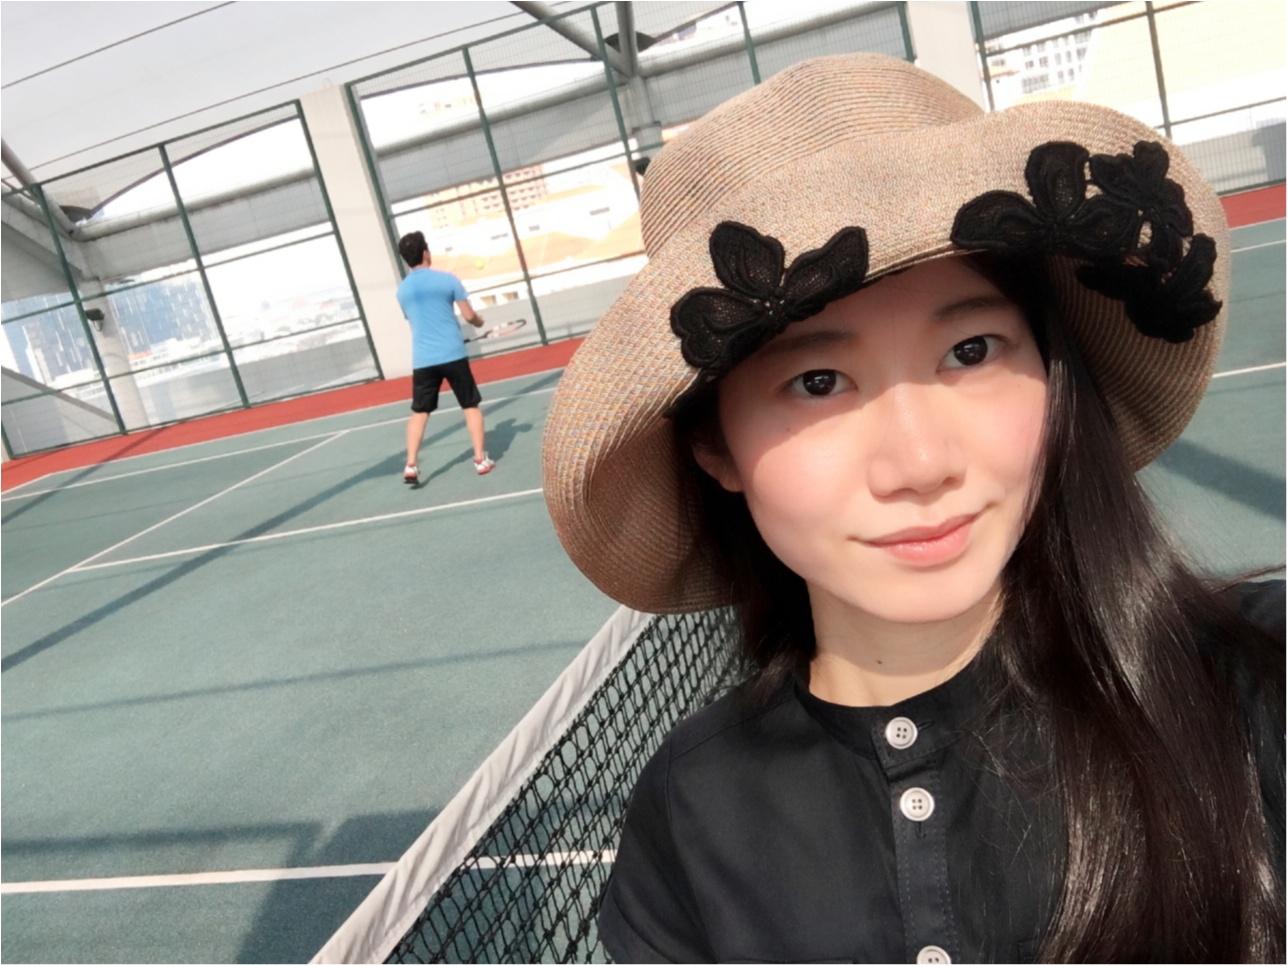 久しぶりにテニスコートに行ってみた(*⁰▿⁰*)_1